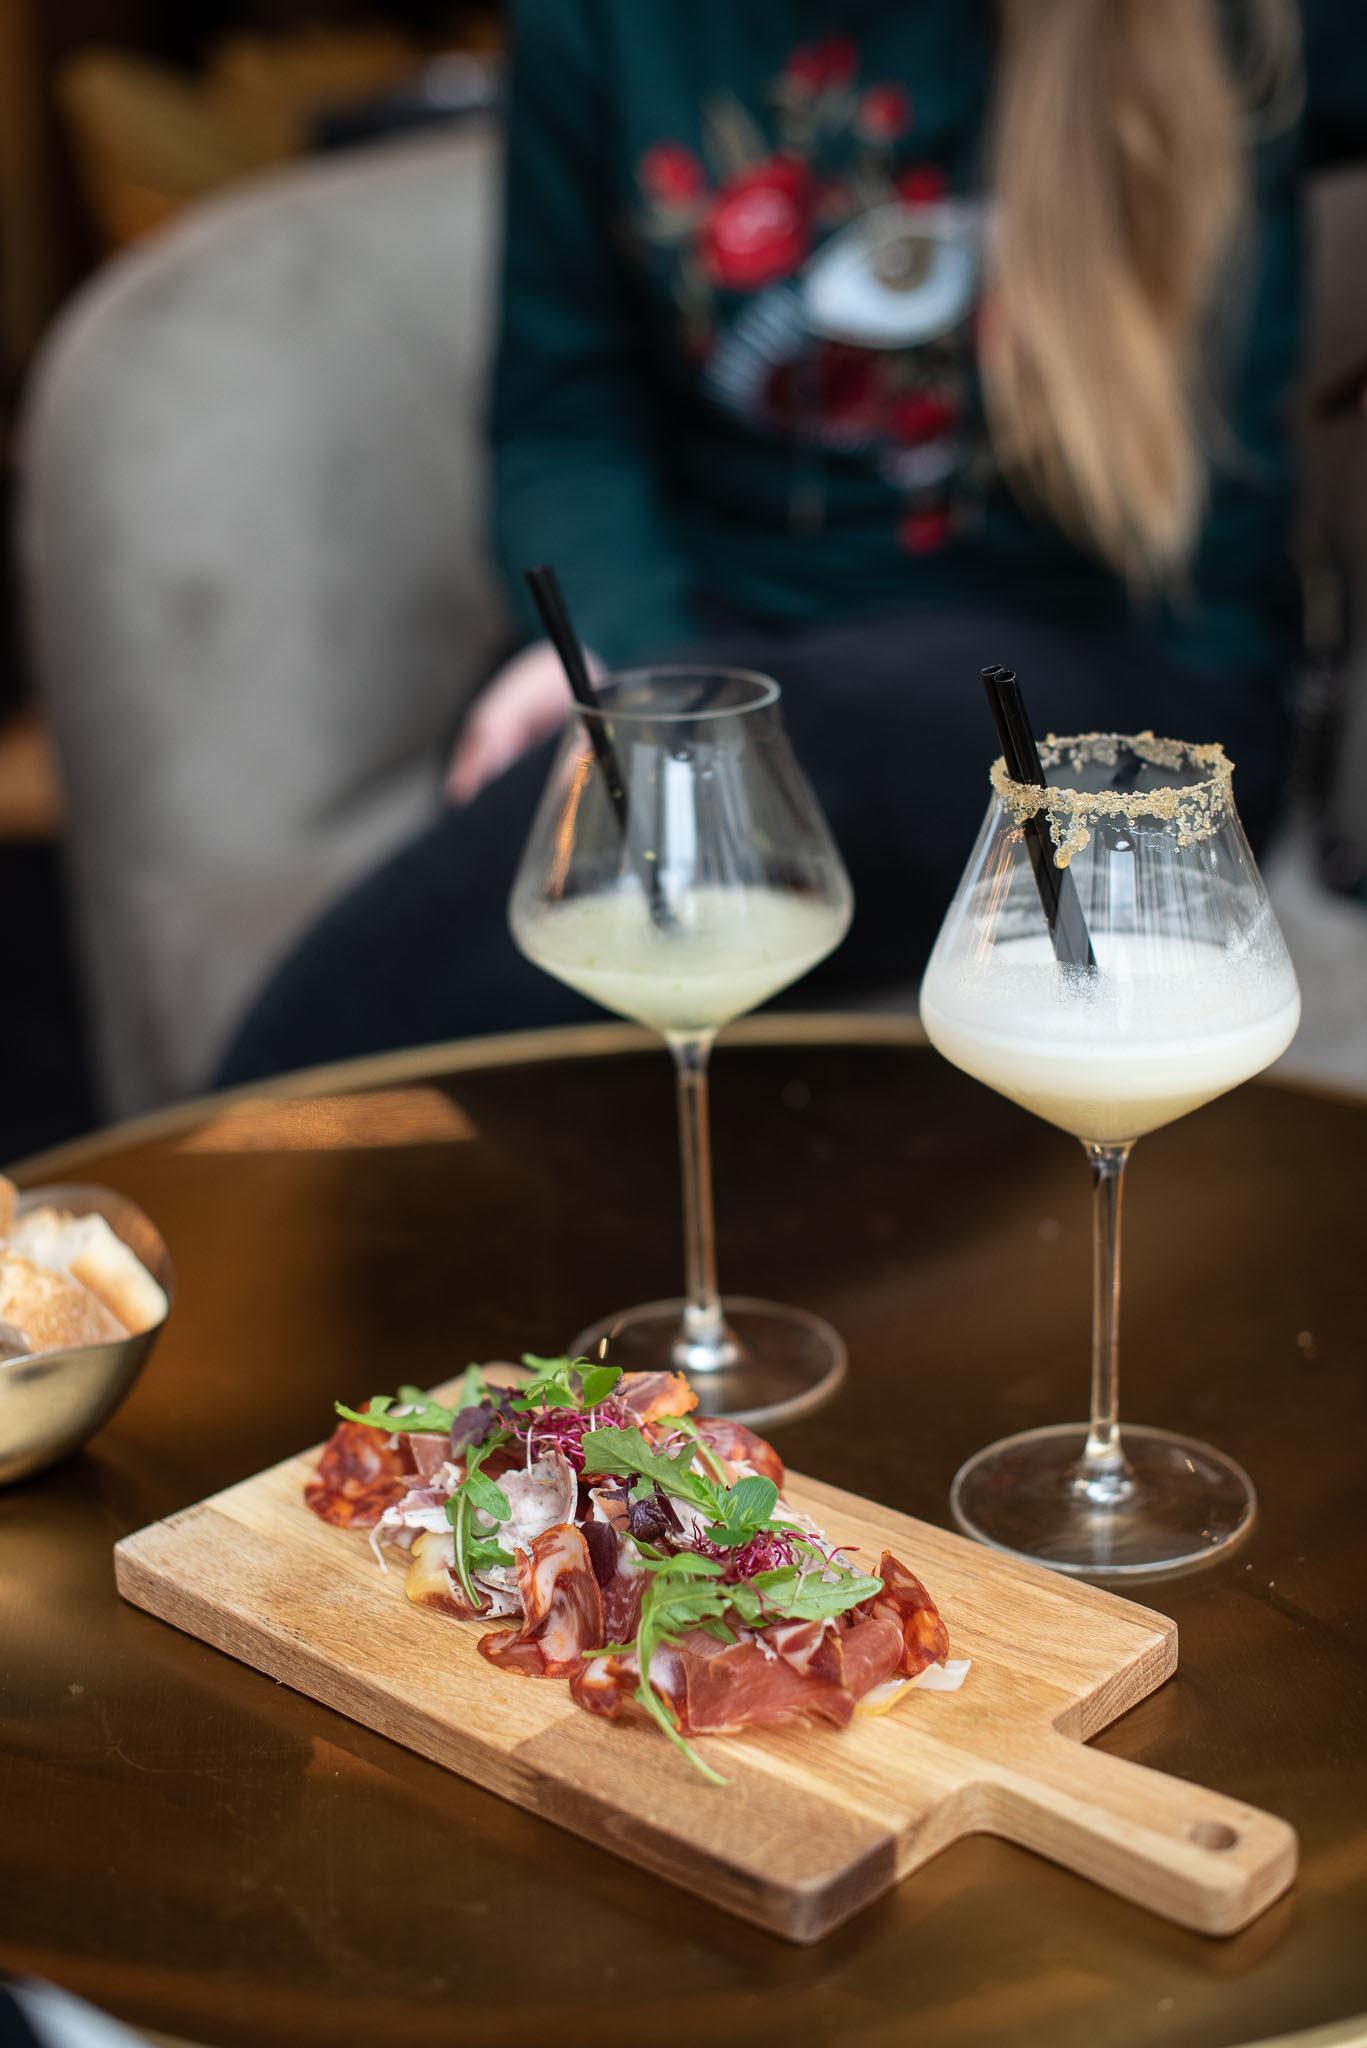 Le Congrès: Nouveau restaurant sur Rennes